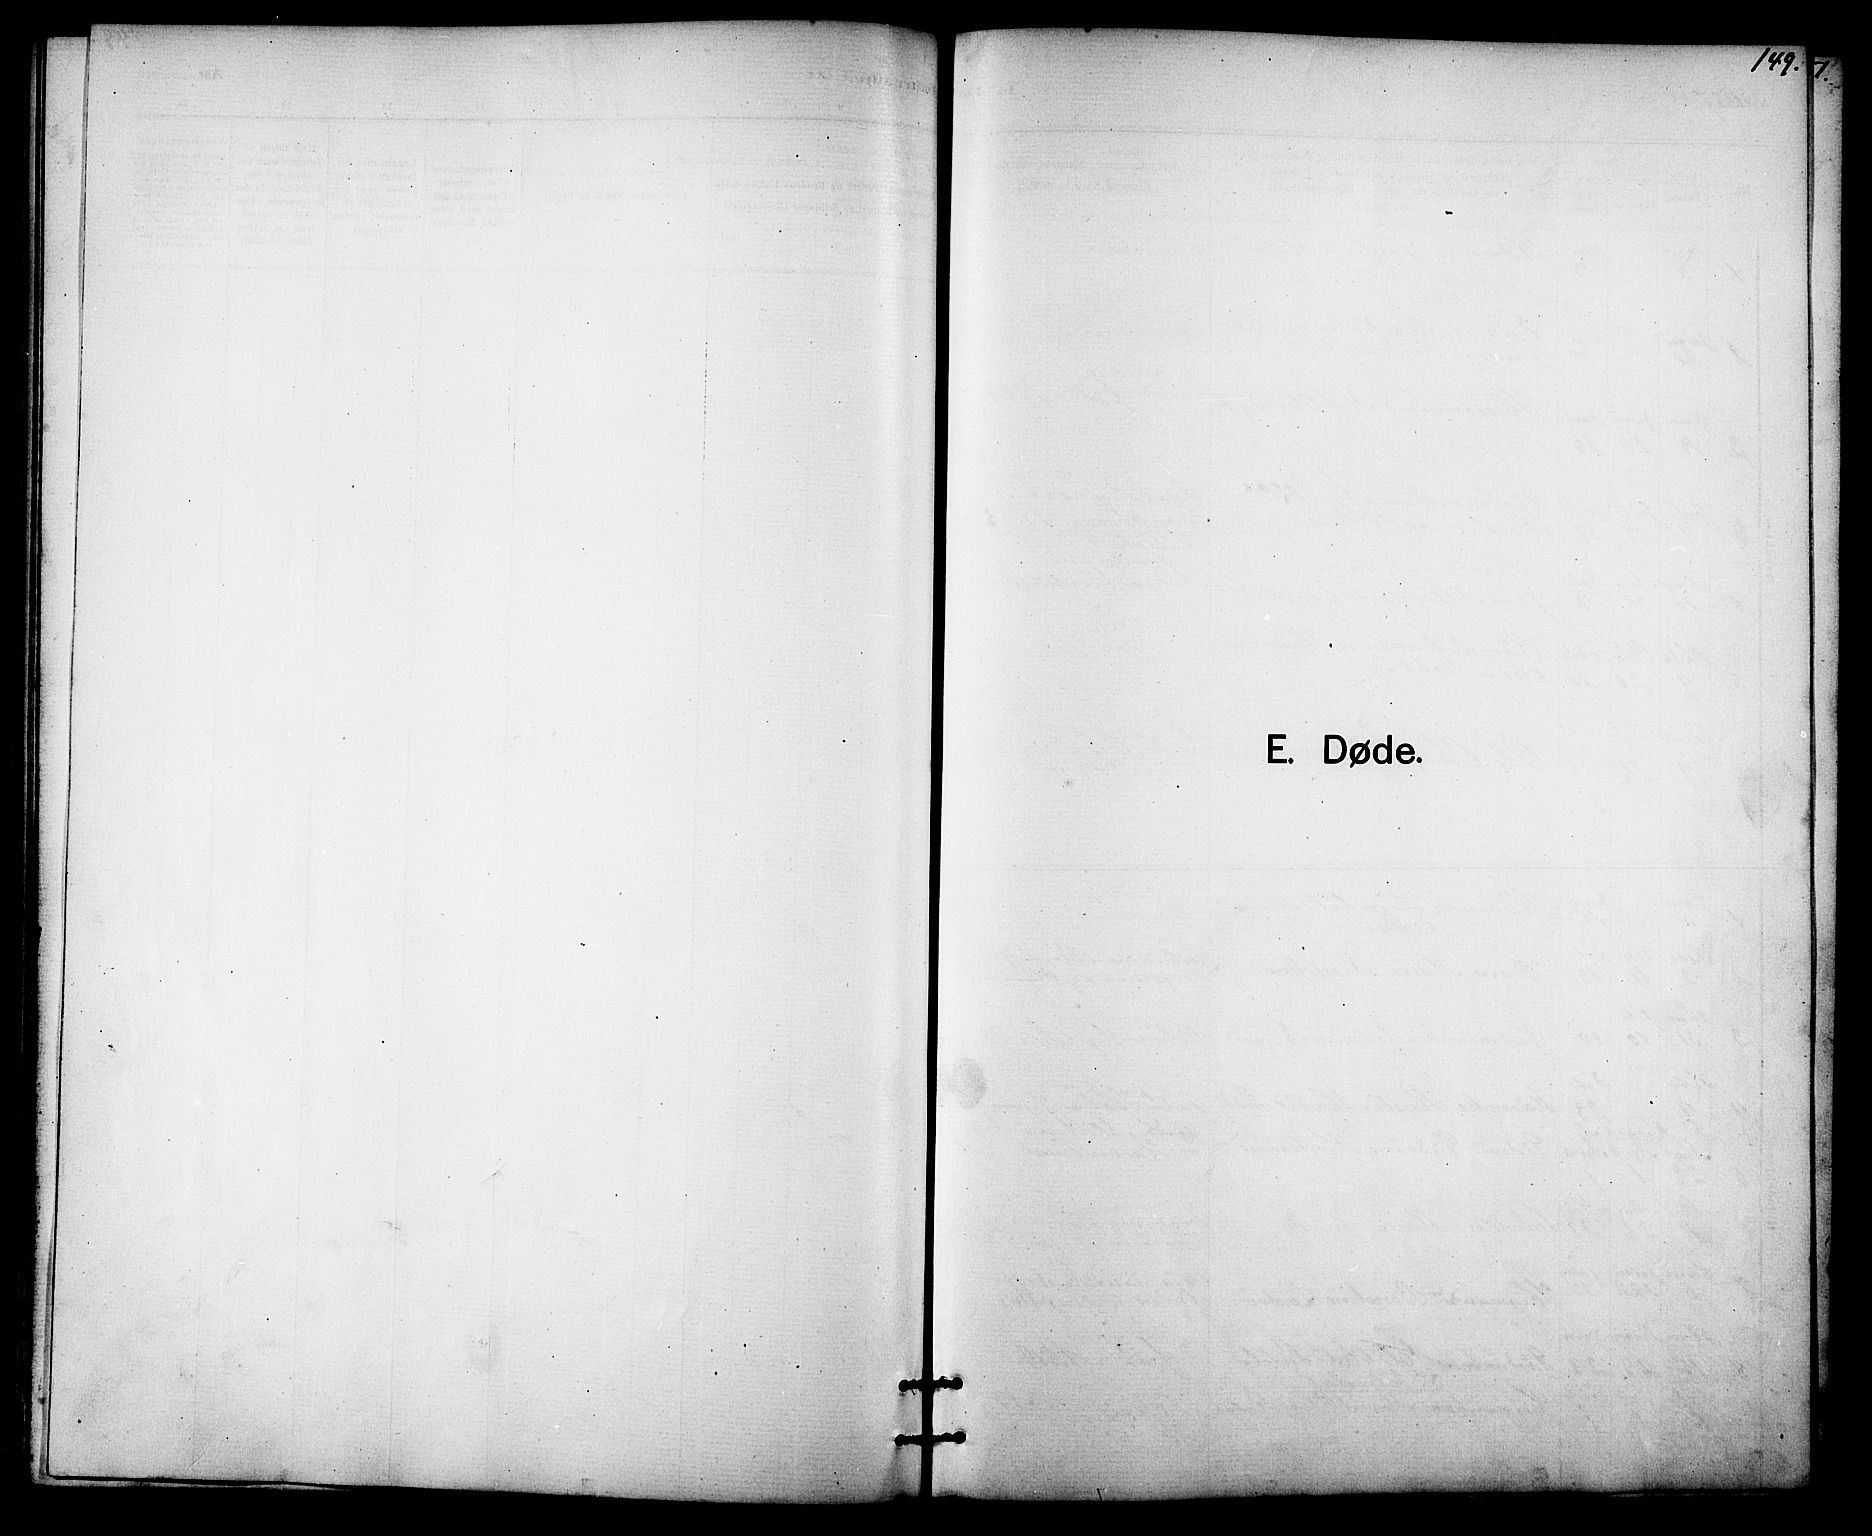 SAT, Ministerialprotokoller, klokkerbøker og fødselsregistre - Sør-Trøndelag, 613/L0395: Klokkerbok nr. 613C03, 1887-1909, s. 149